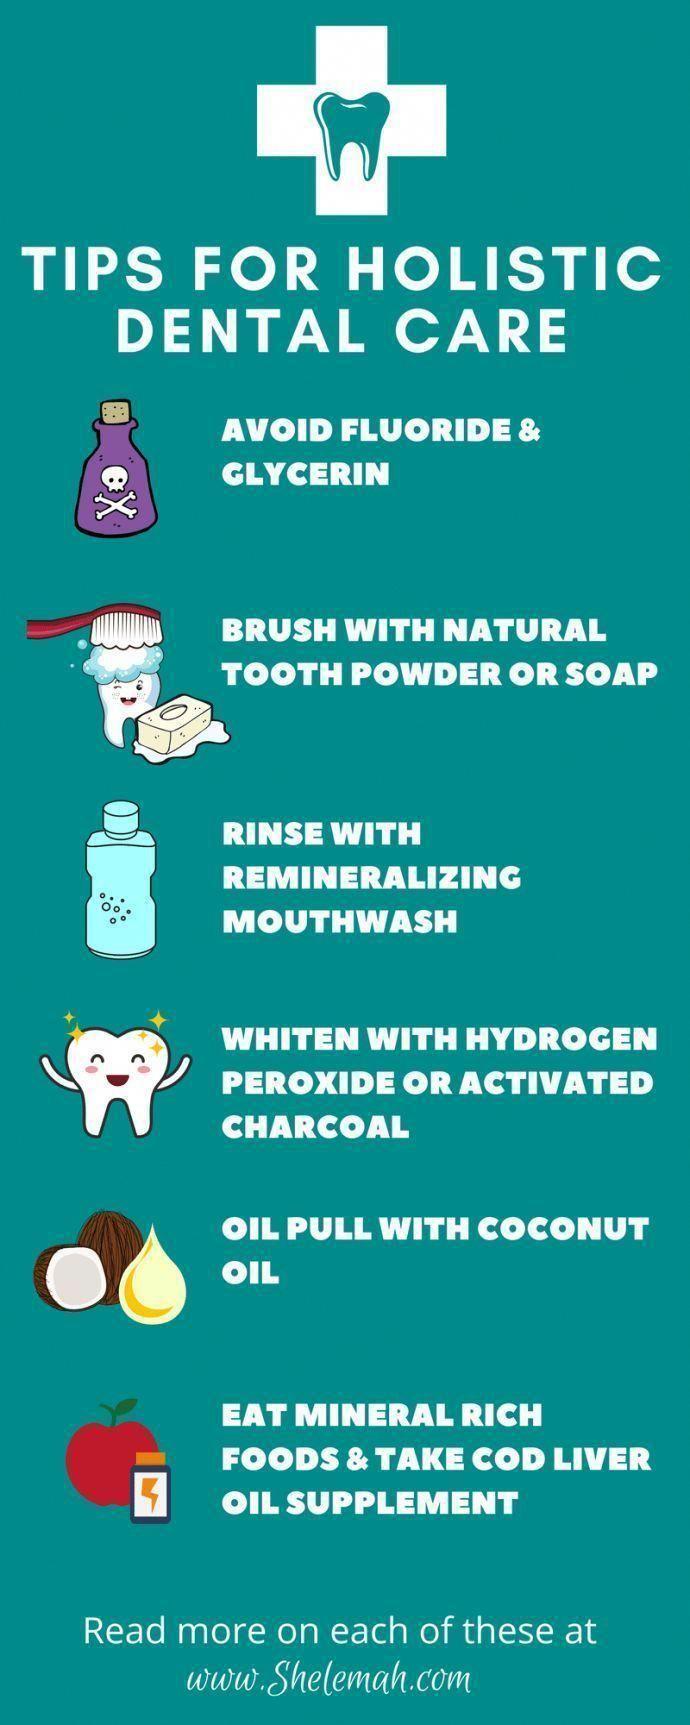 Ruddy Oral Care Routine-Artikel #zahn #OralCareForKids #dentalcare Ruddy Oral Care Routine-Artikel #zahn #OralCareForKids  #artikel #oralcareforkids #routine #ruddy #WhatIsPrimaryOralHealthCare